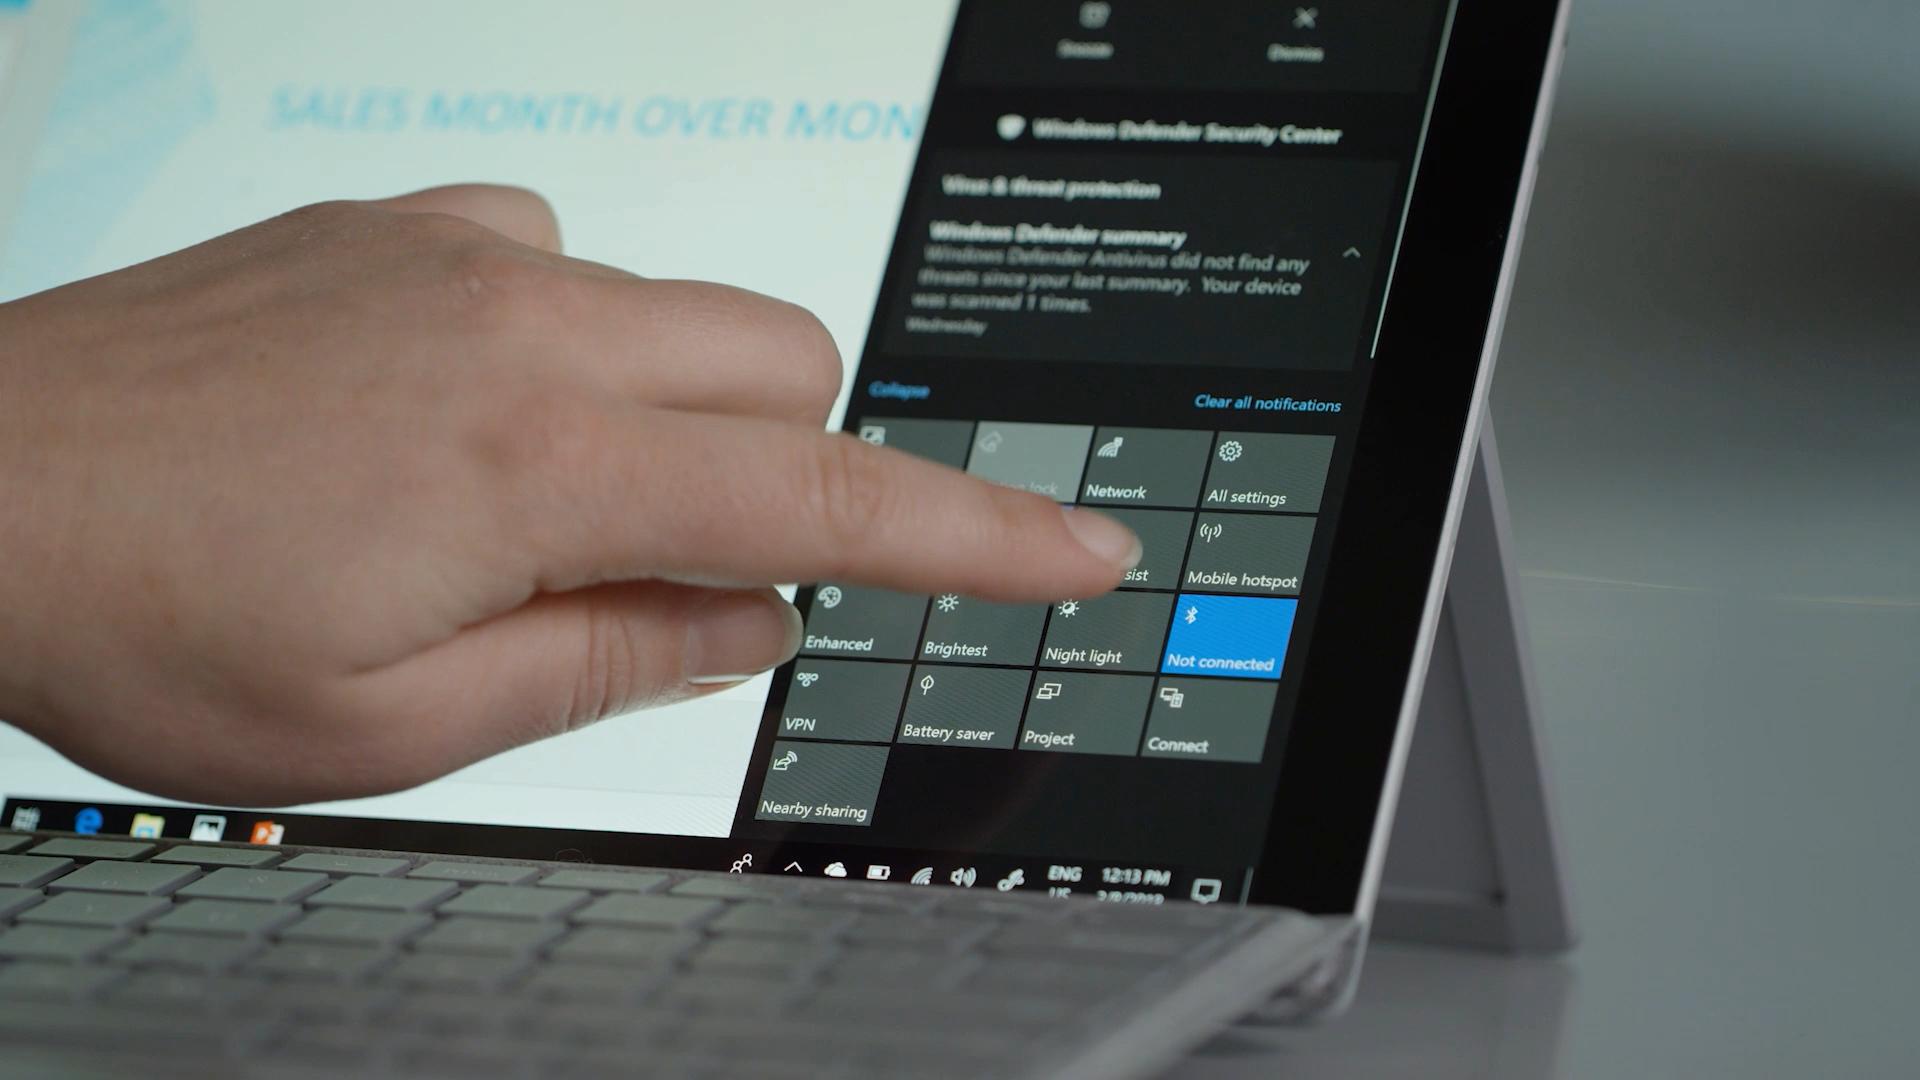 윈도우10 RS4는 윈도우10의 기본기능은 그대로 품지만 세세한 부분이 많이 달라진 업데이트다.- 최호섭